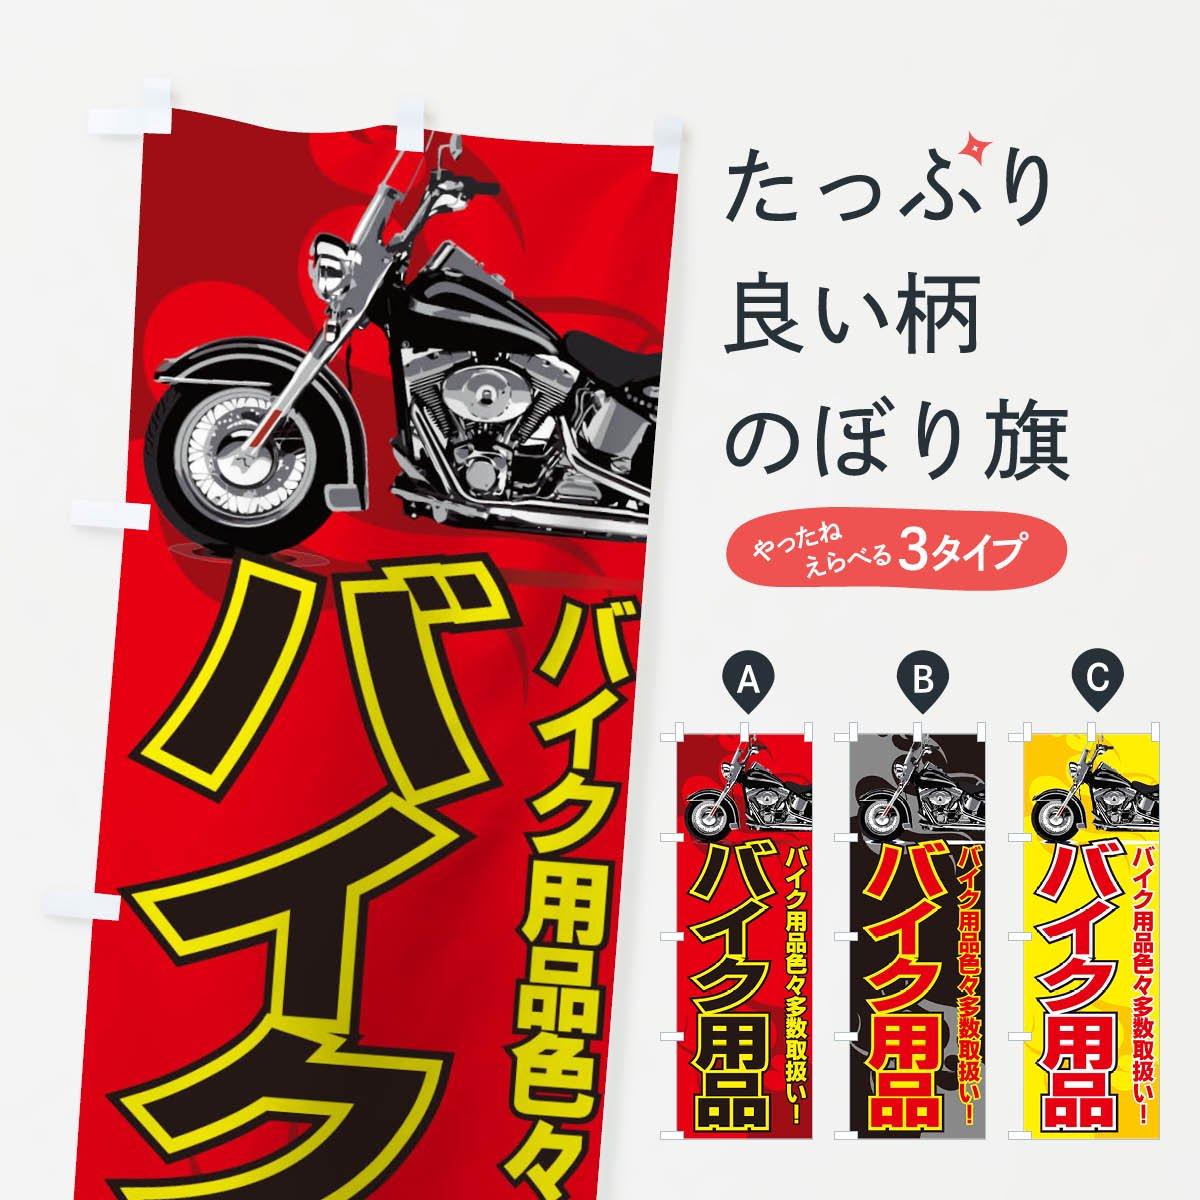 バイク用品のぼり旗【多数取り扱い】[バイク屋]